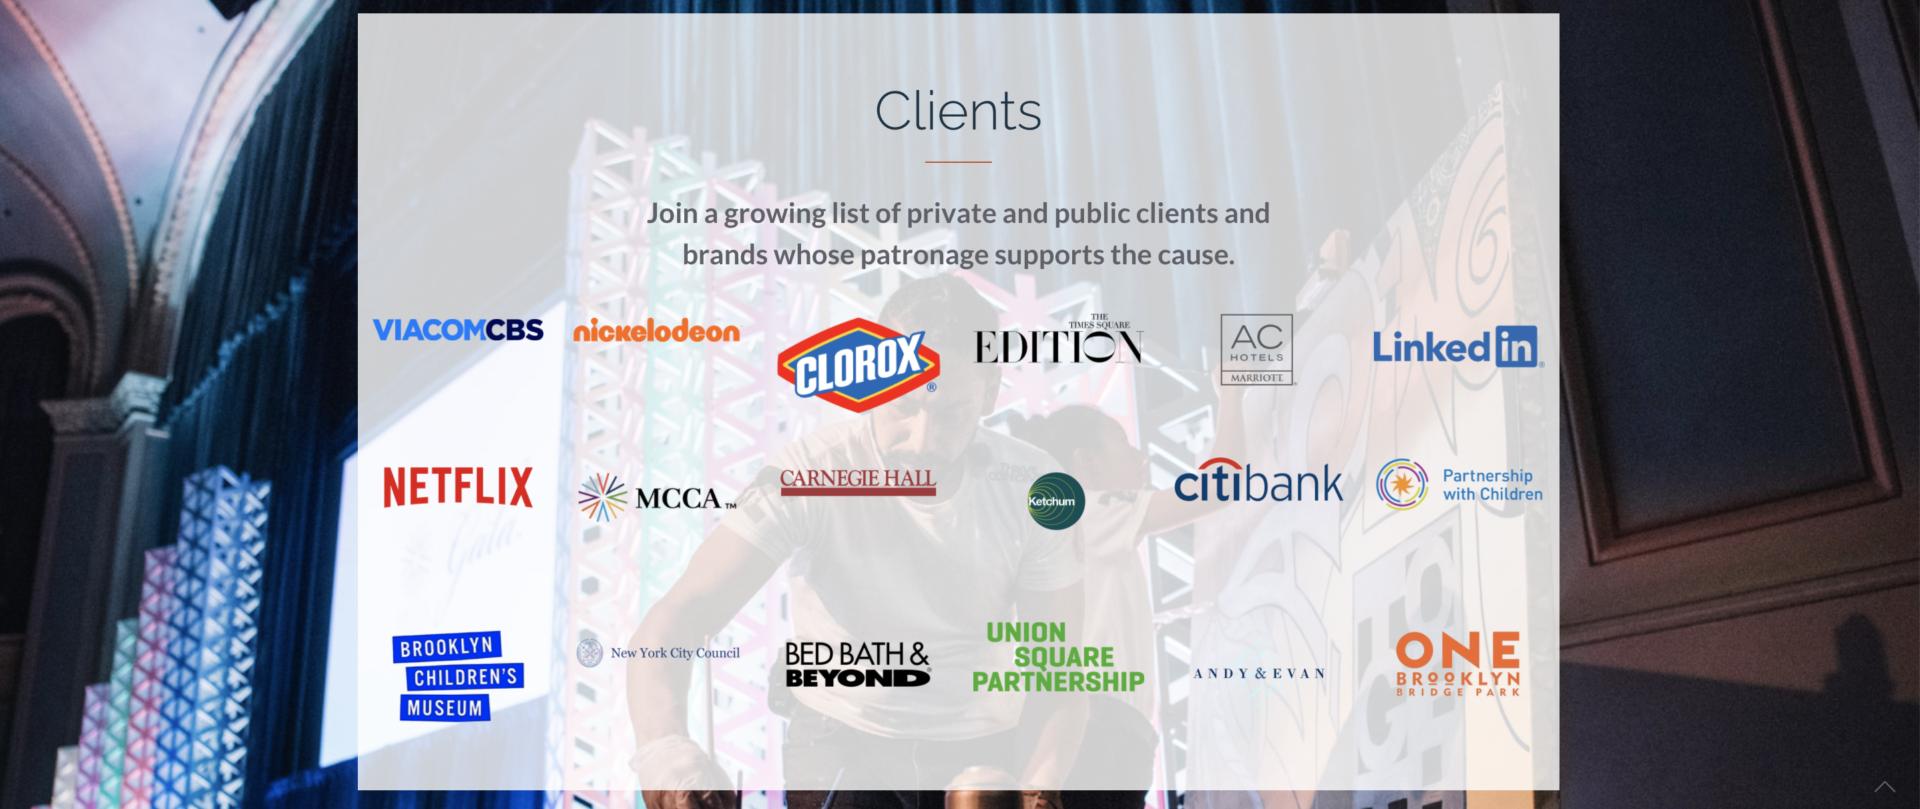 tpc-clients